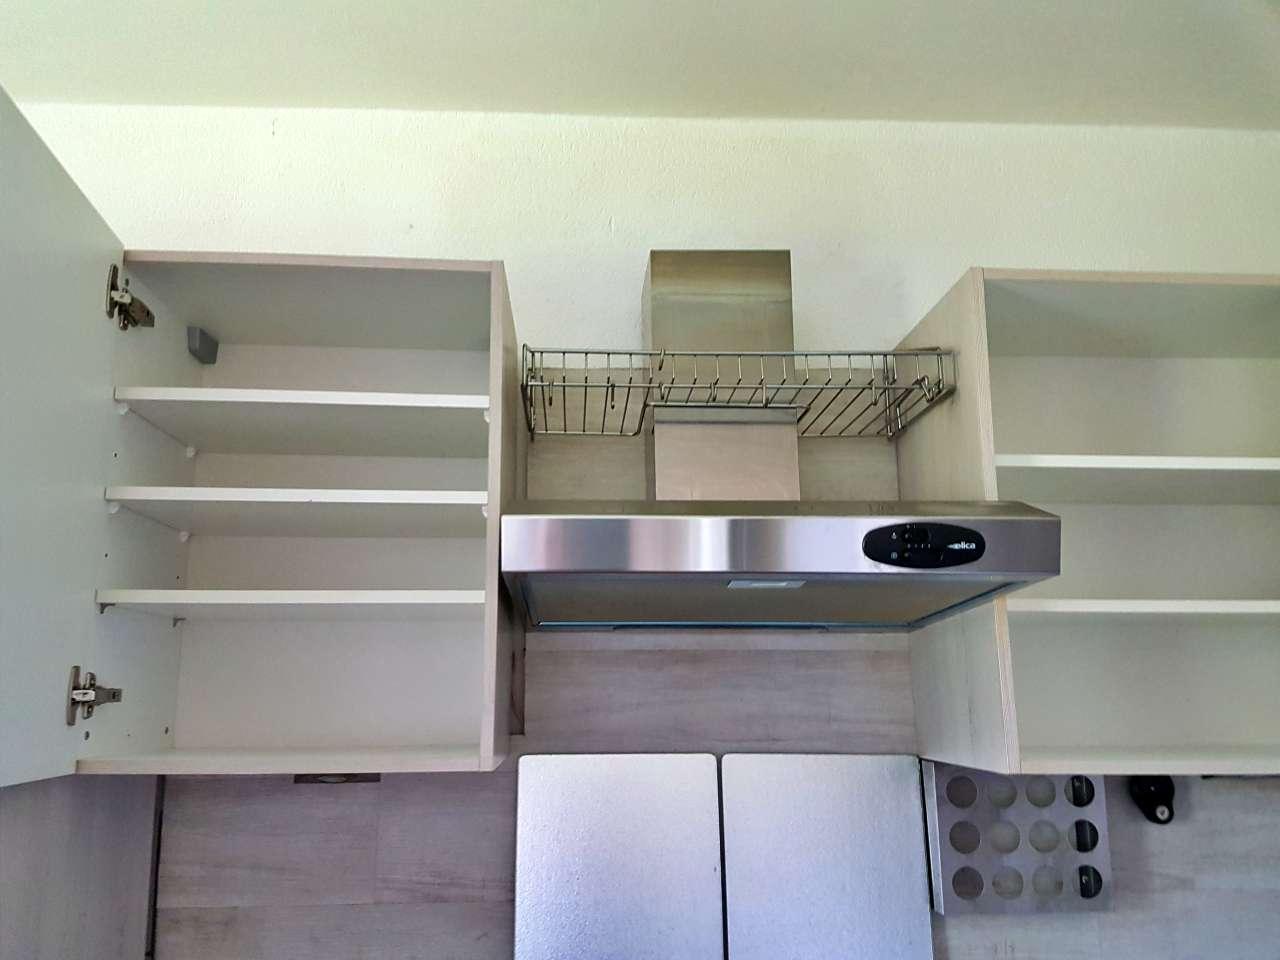 Einbauküche Küche L-Form mit E-Geräten Oberschränke